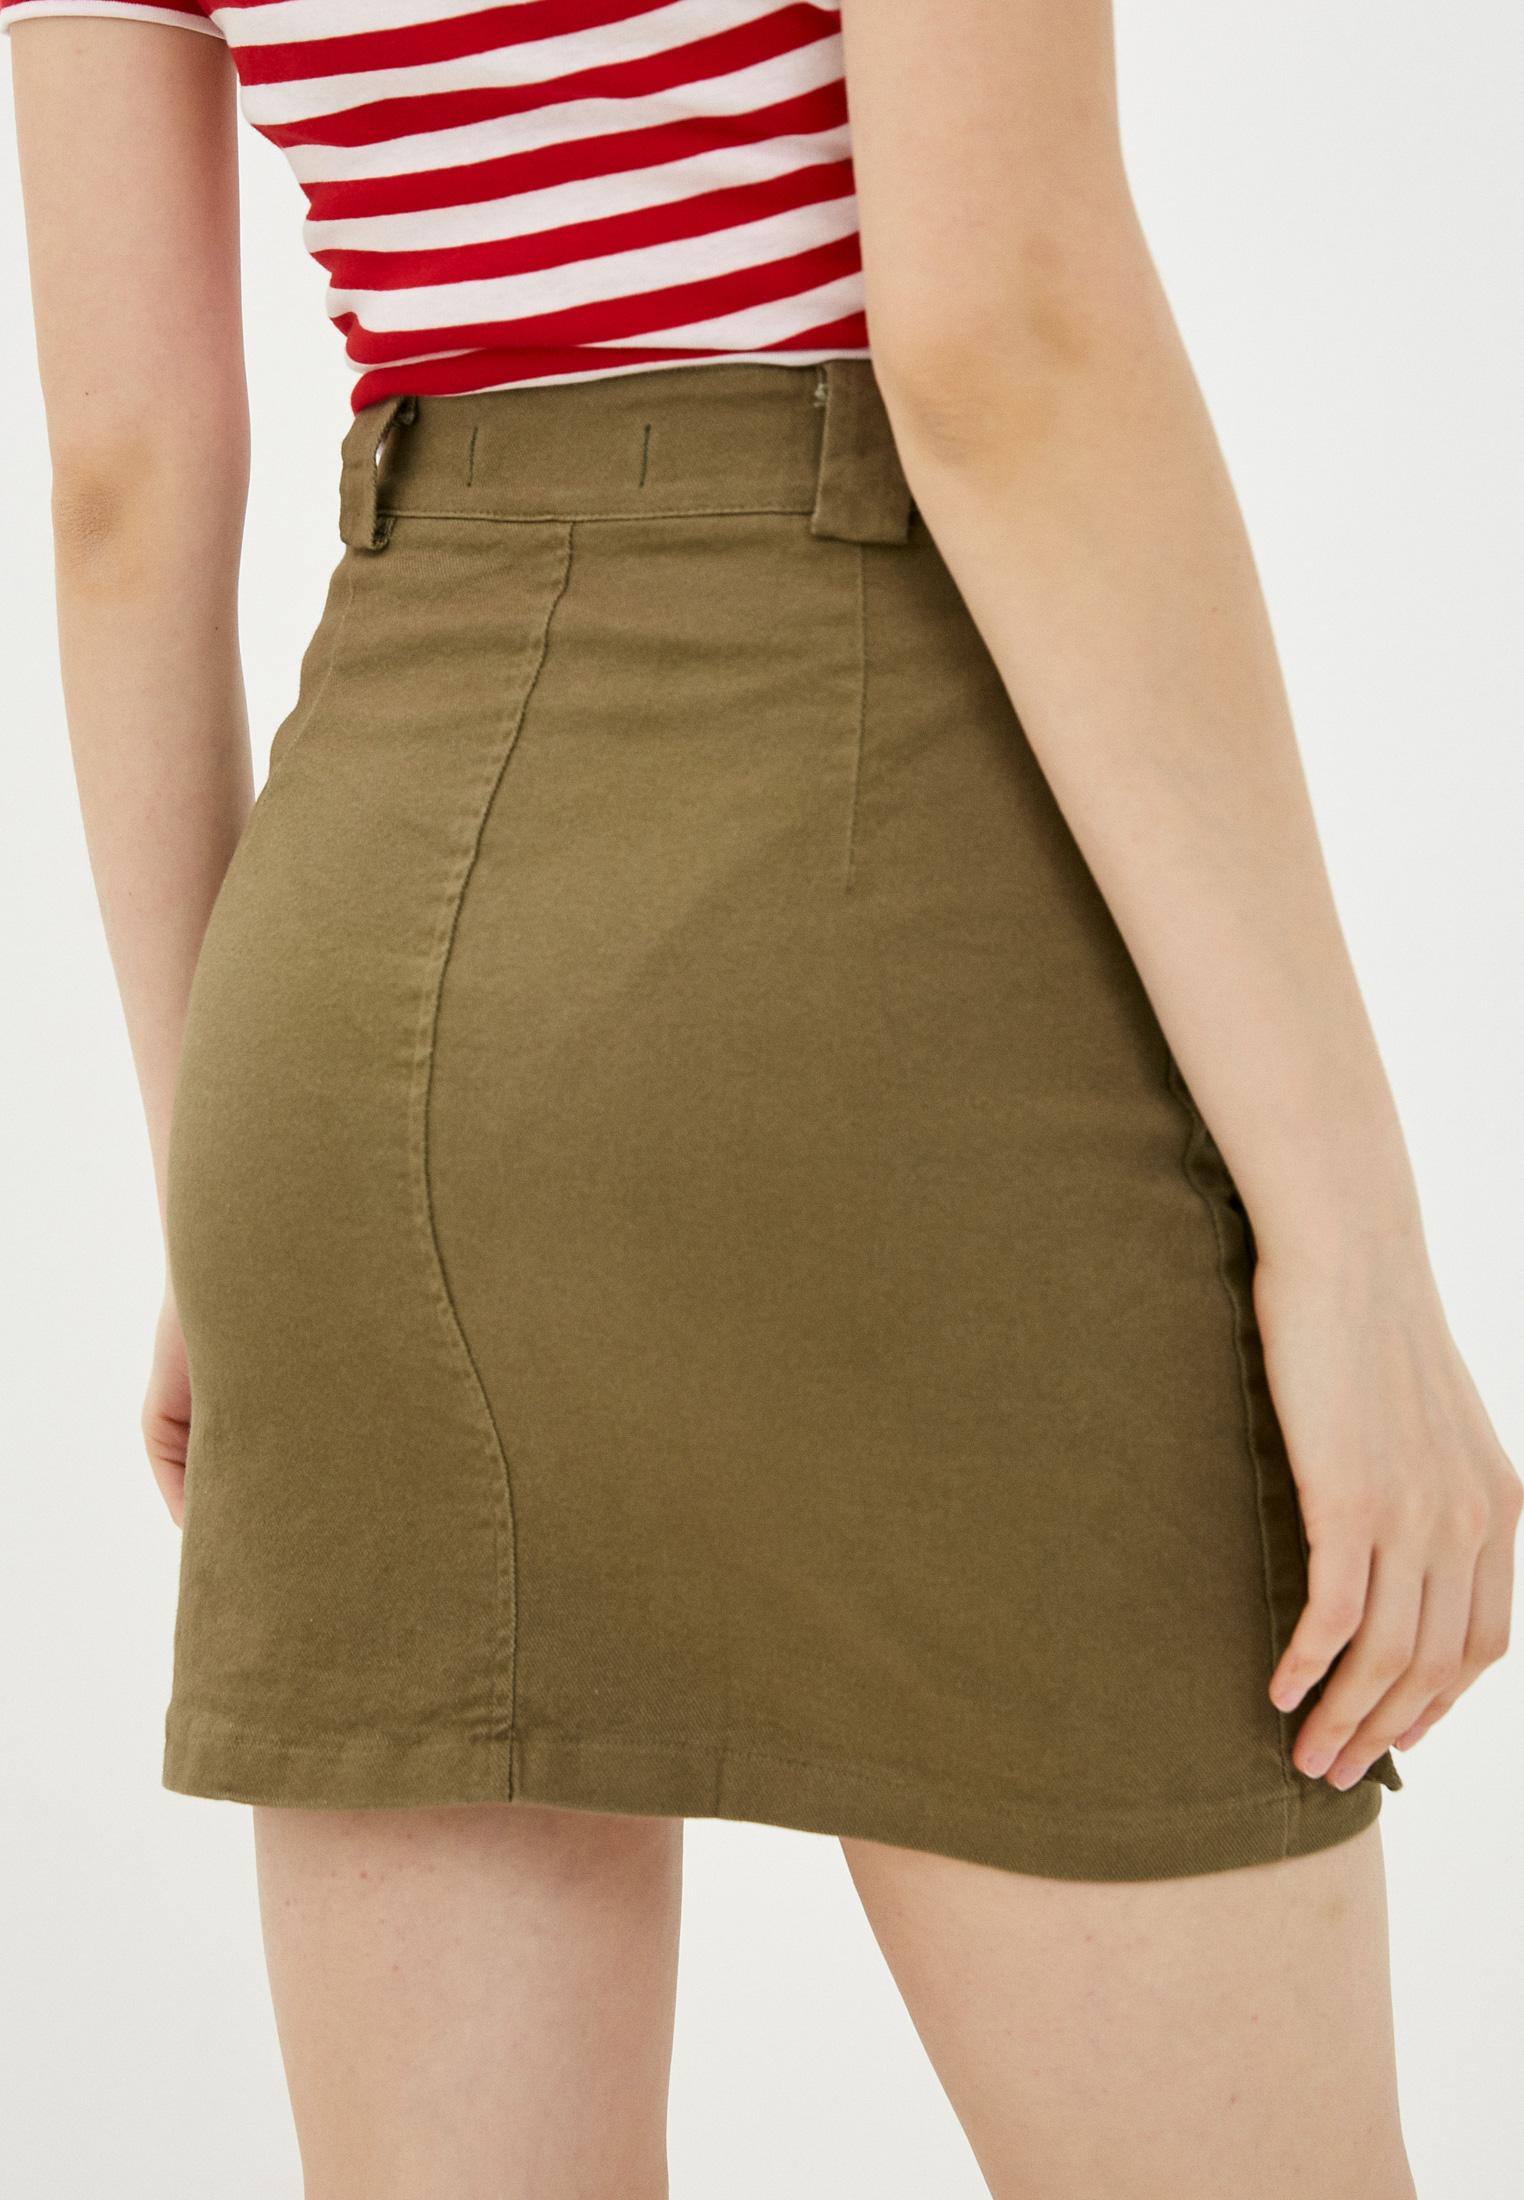 Широкая юбка Nerouge N453-23: изображение 3